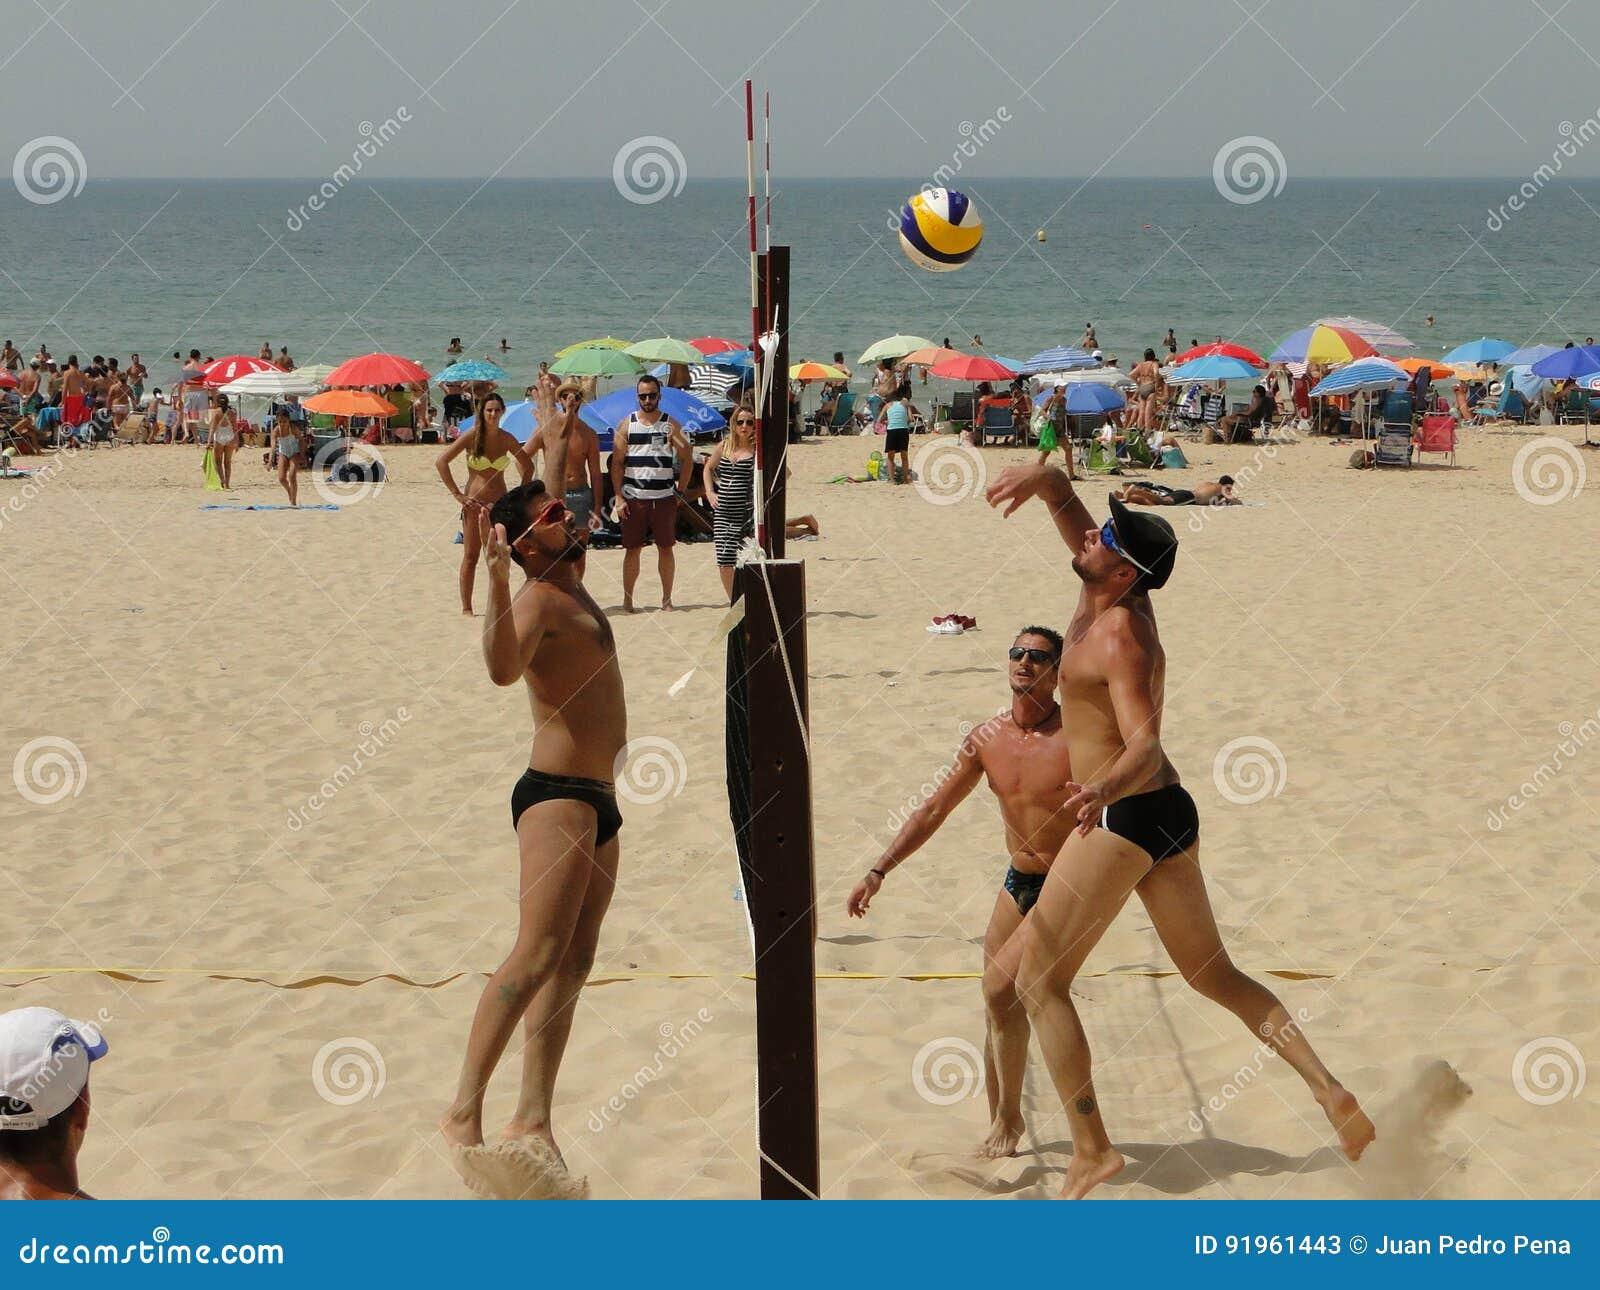 Men beach volleyball